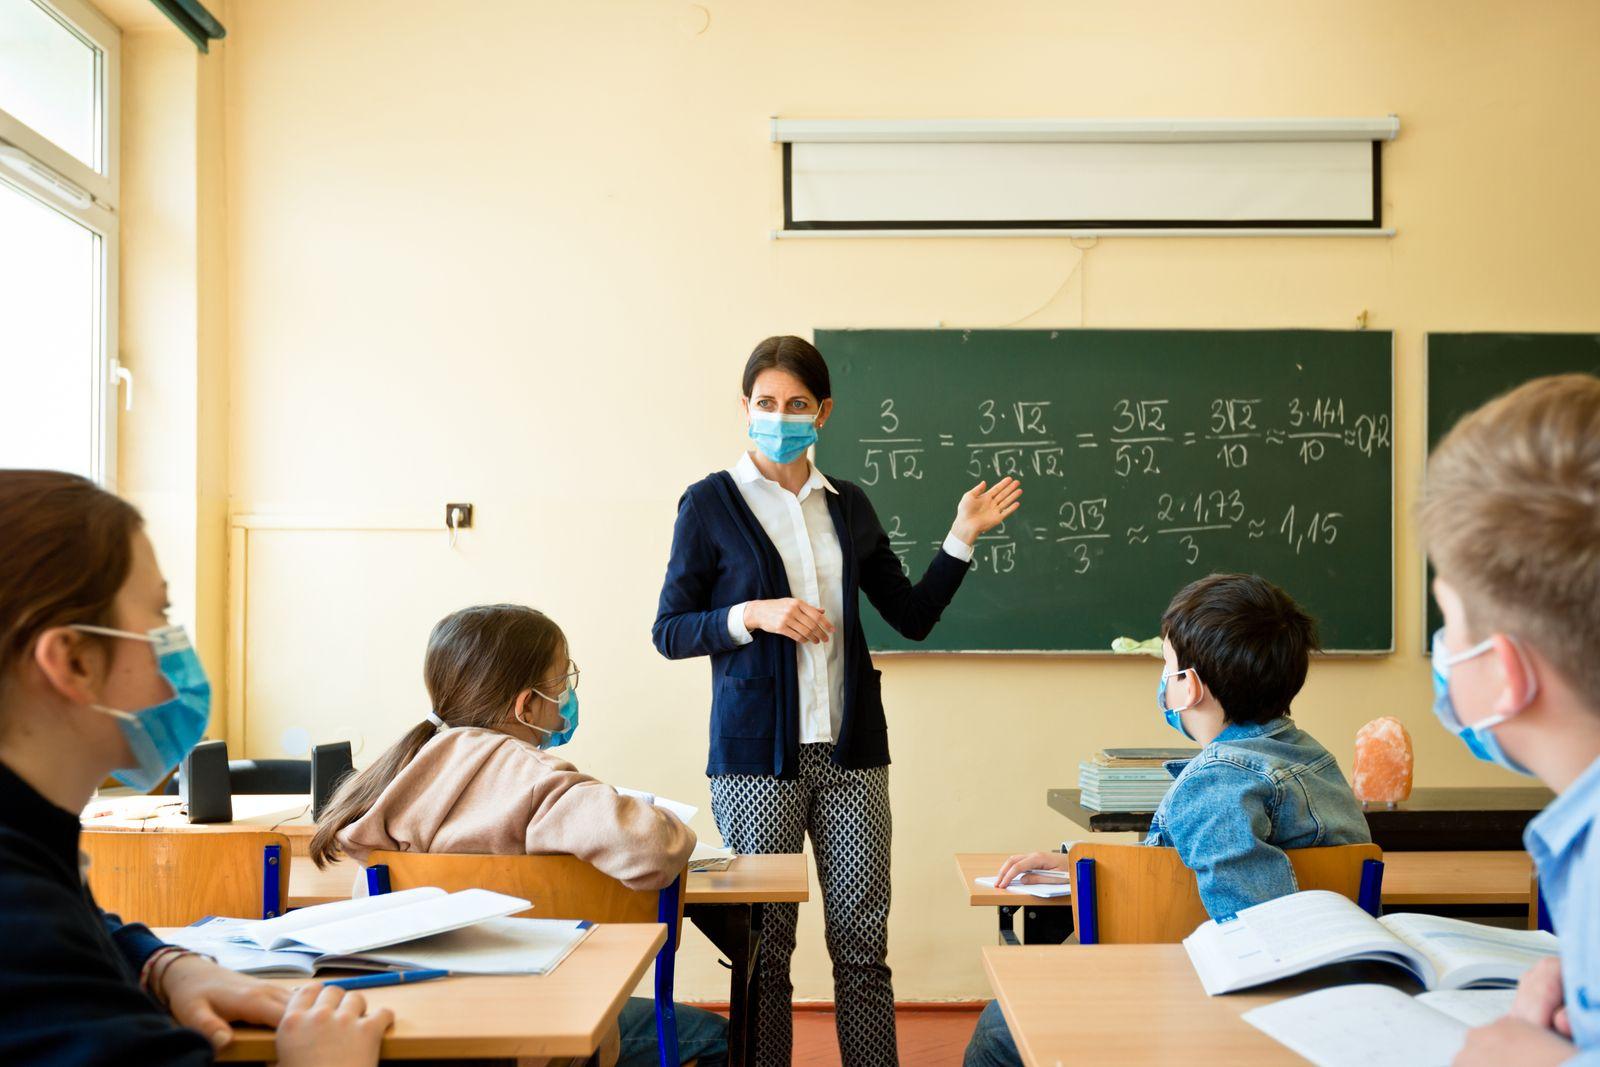 Covid-19. A teacher teaches mathematics